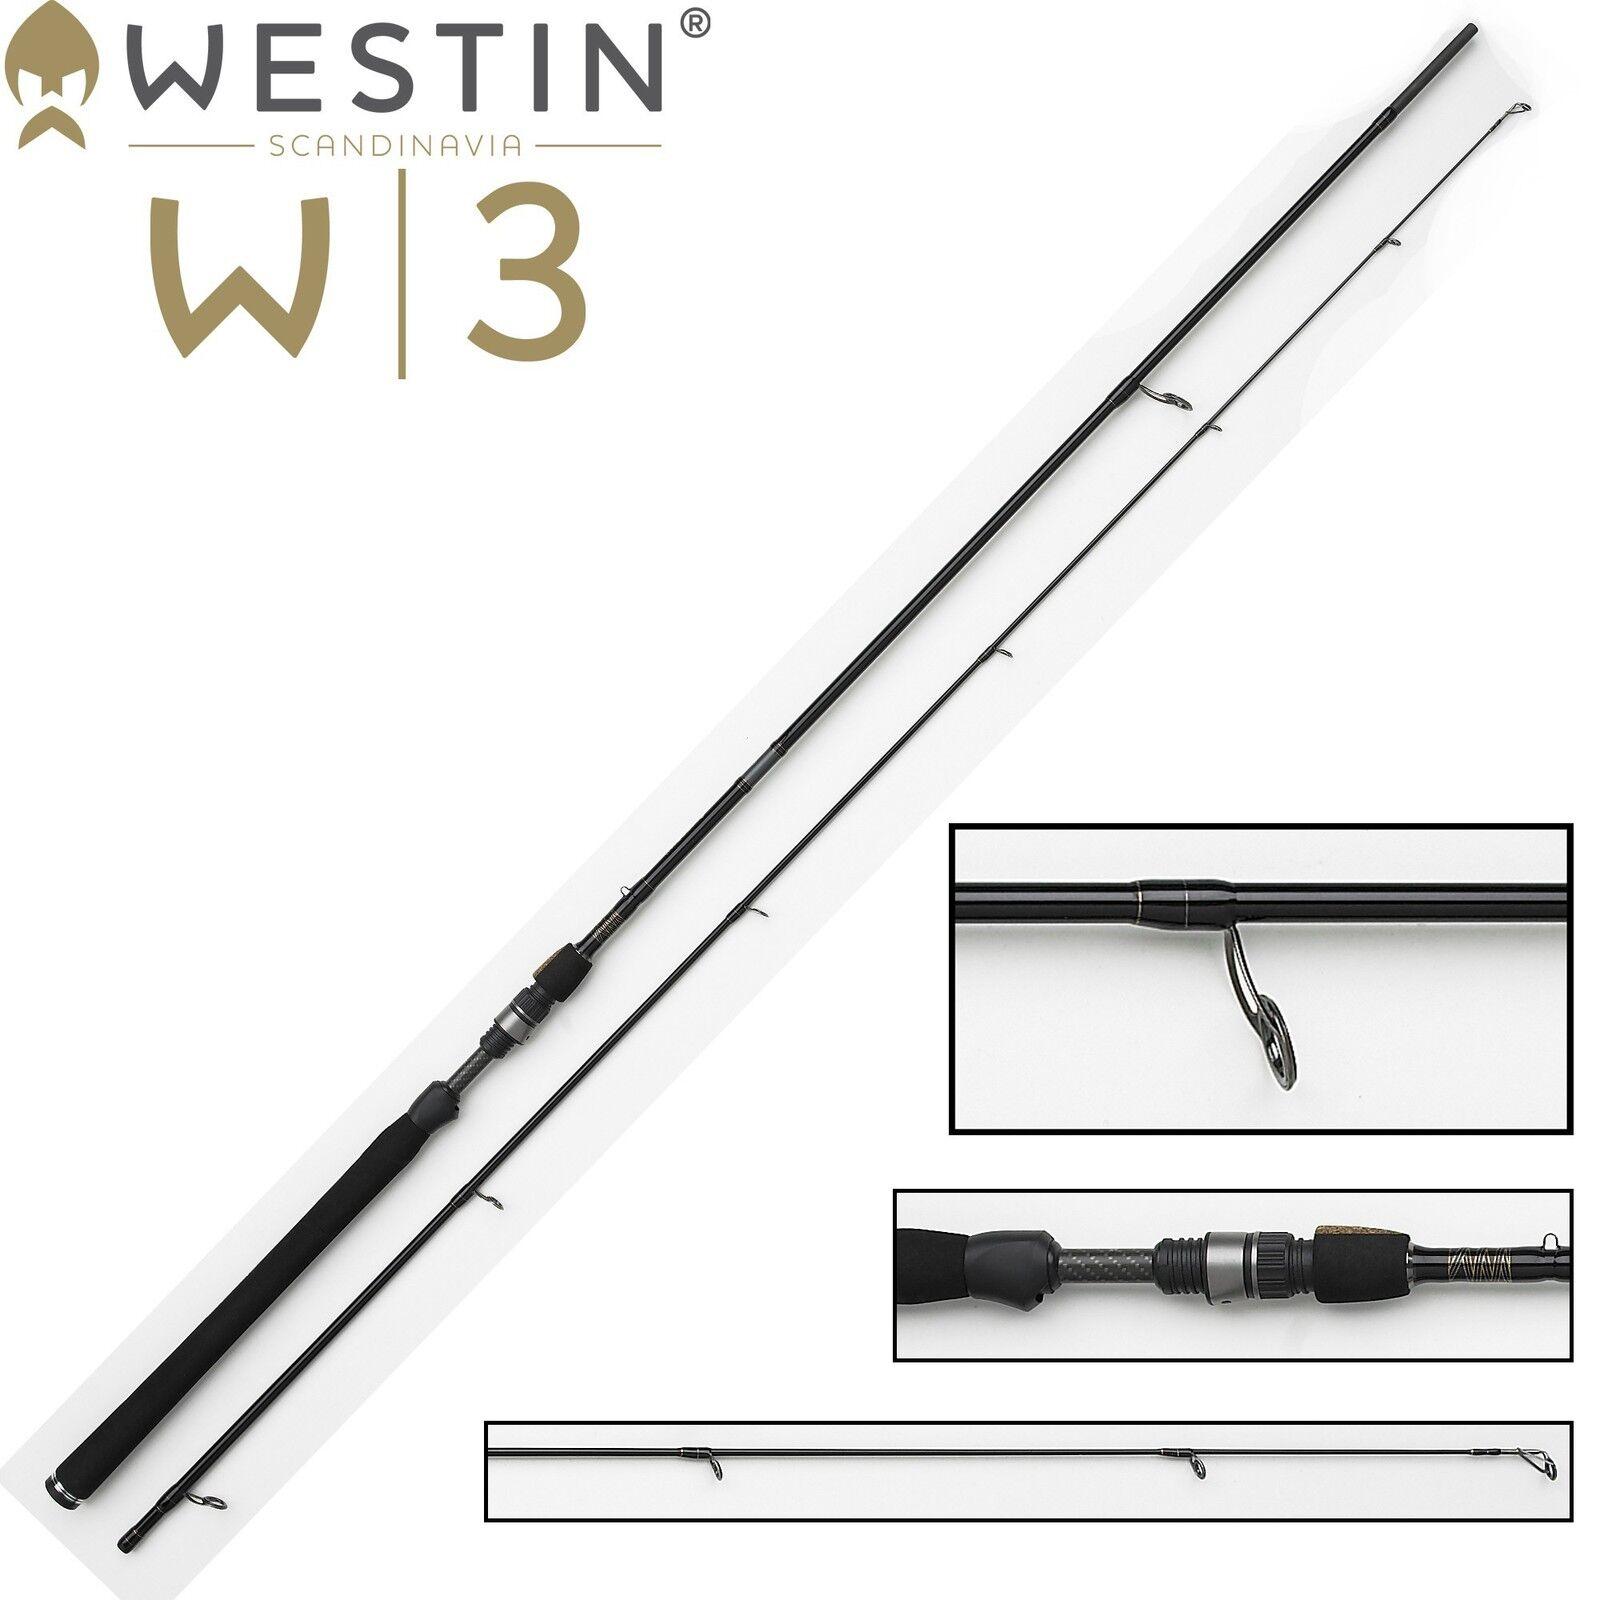 Westin W3 Spinnrute Powerlure 240cm H 20-60g, Blinkerrute für Hecht und Zander